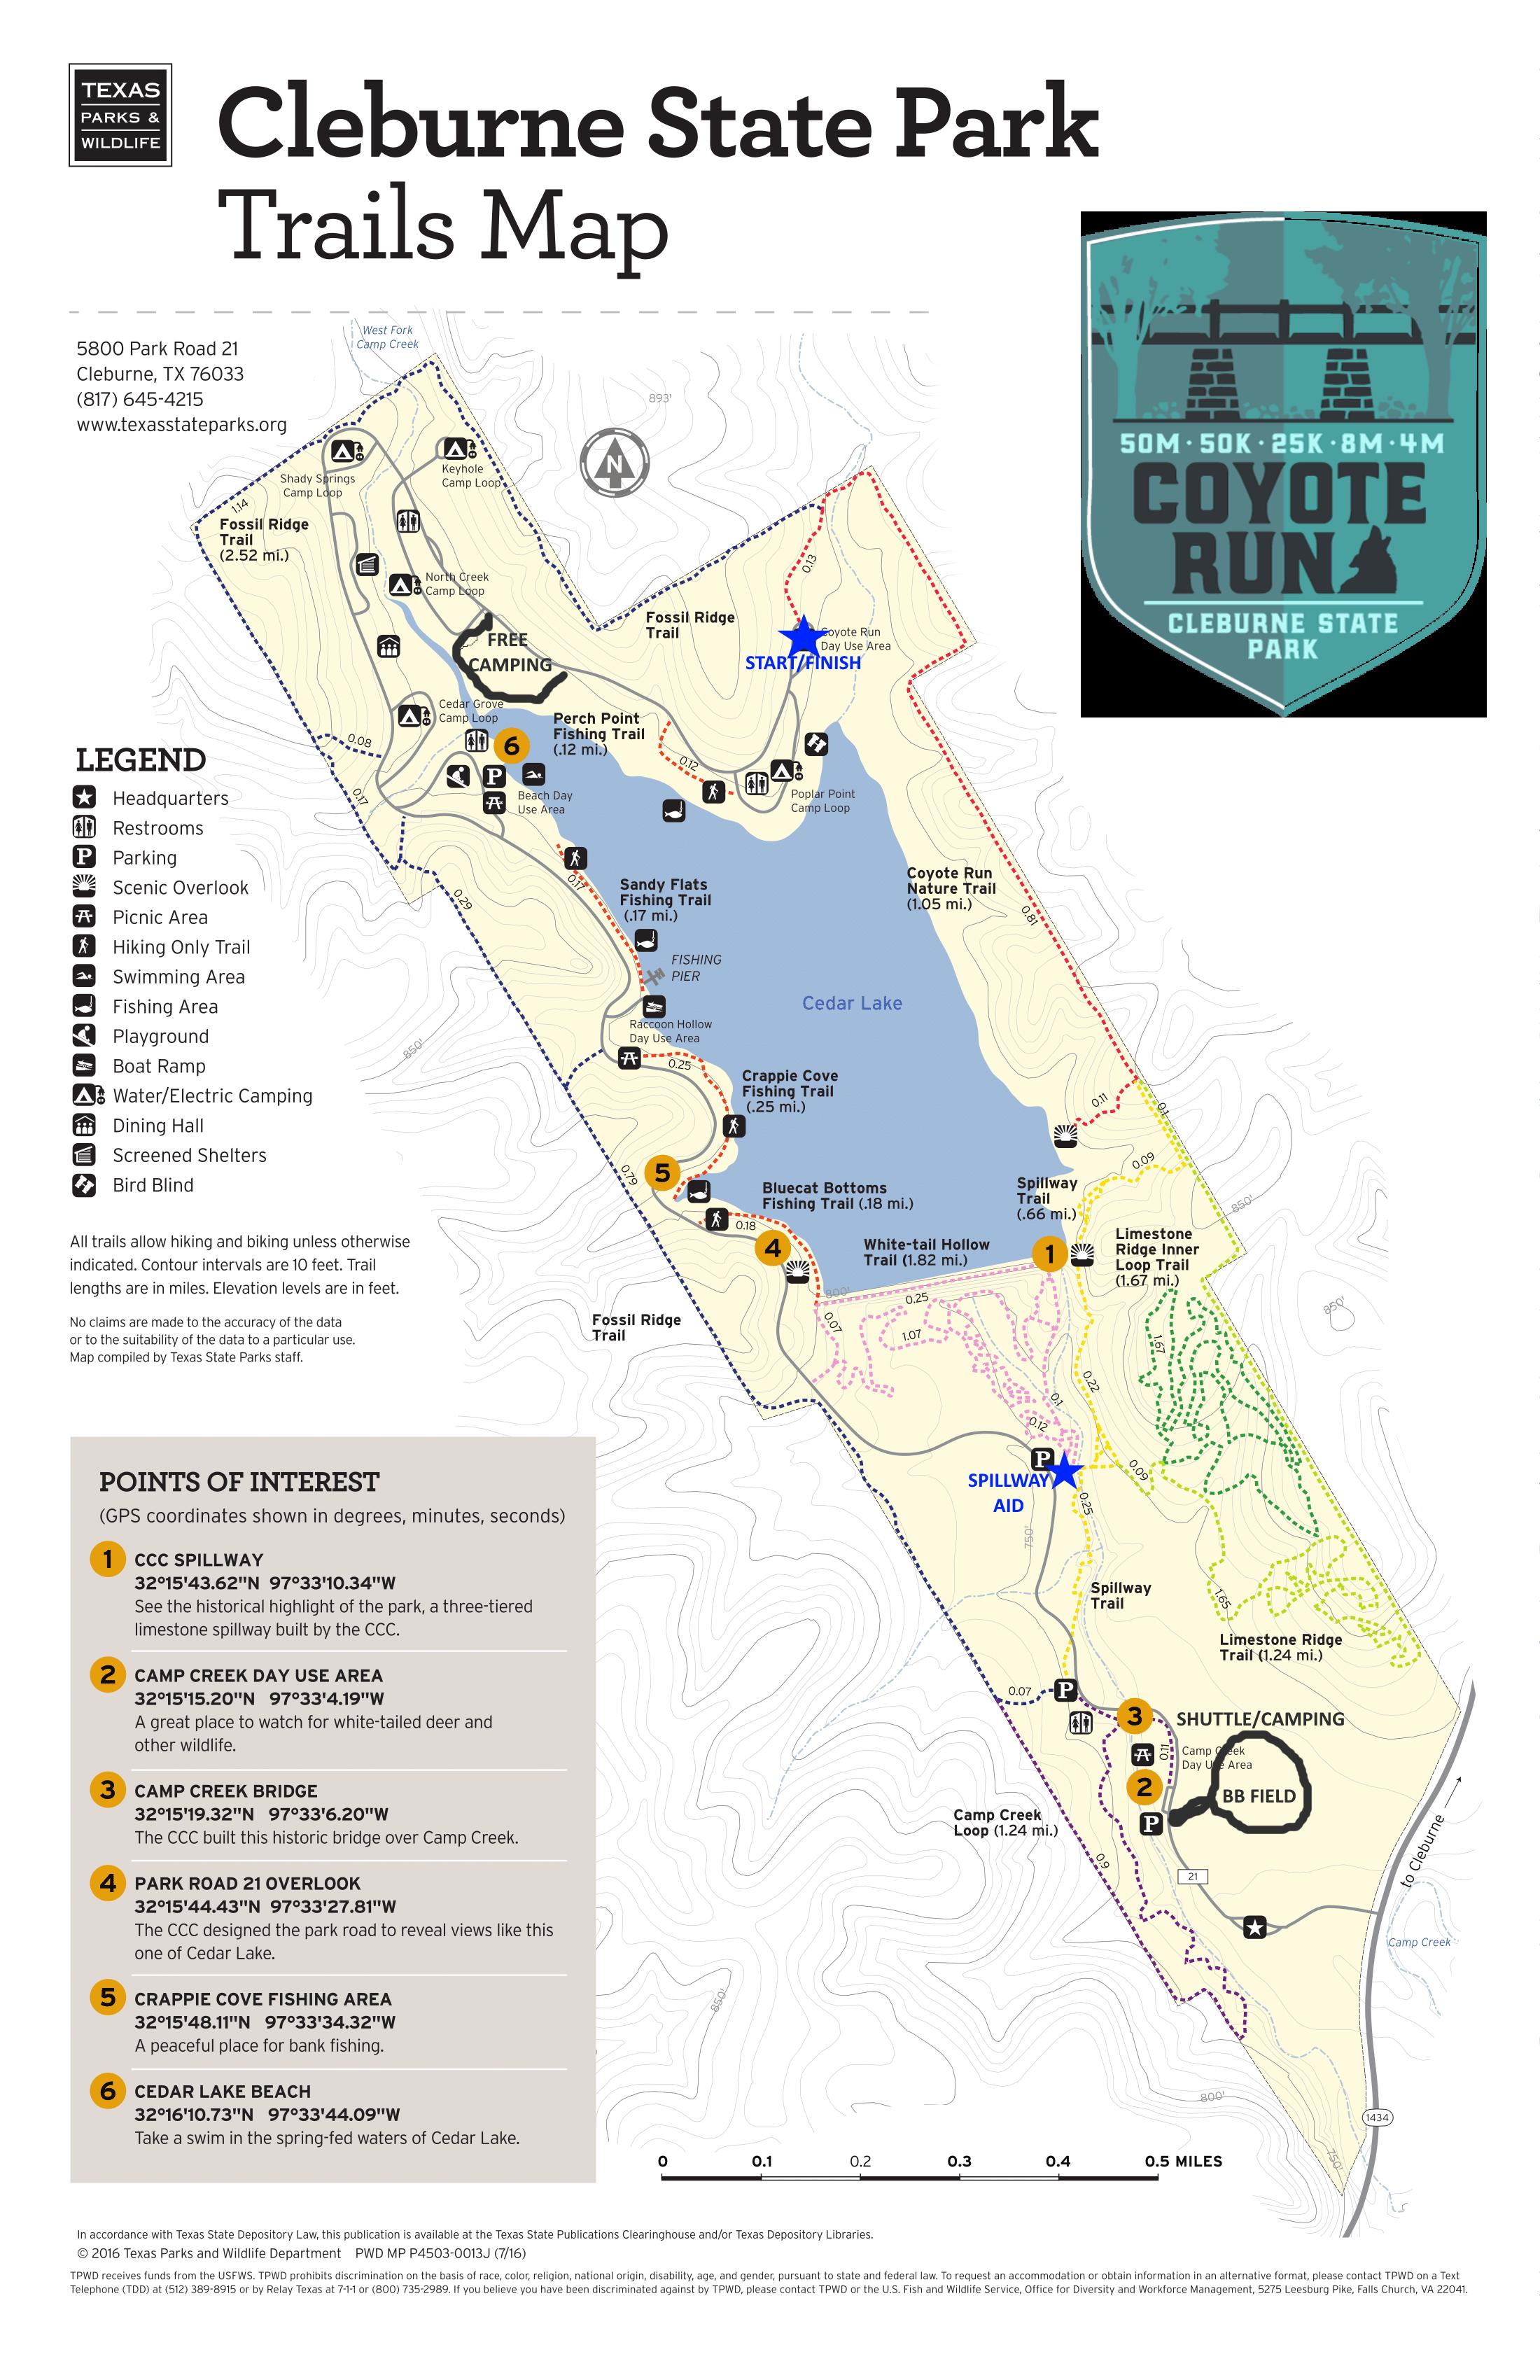 coyoterunmainmap.png